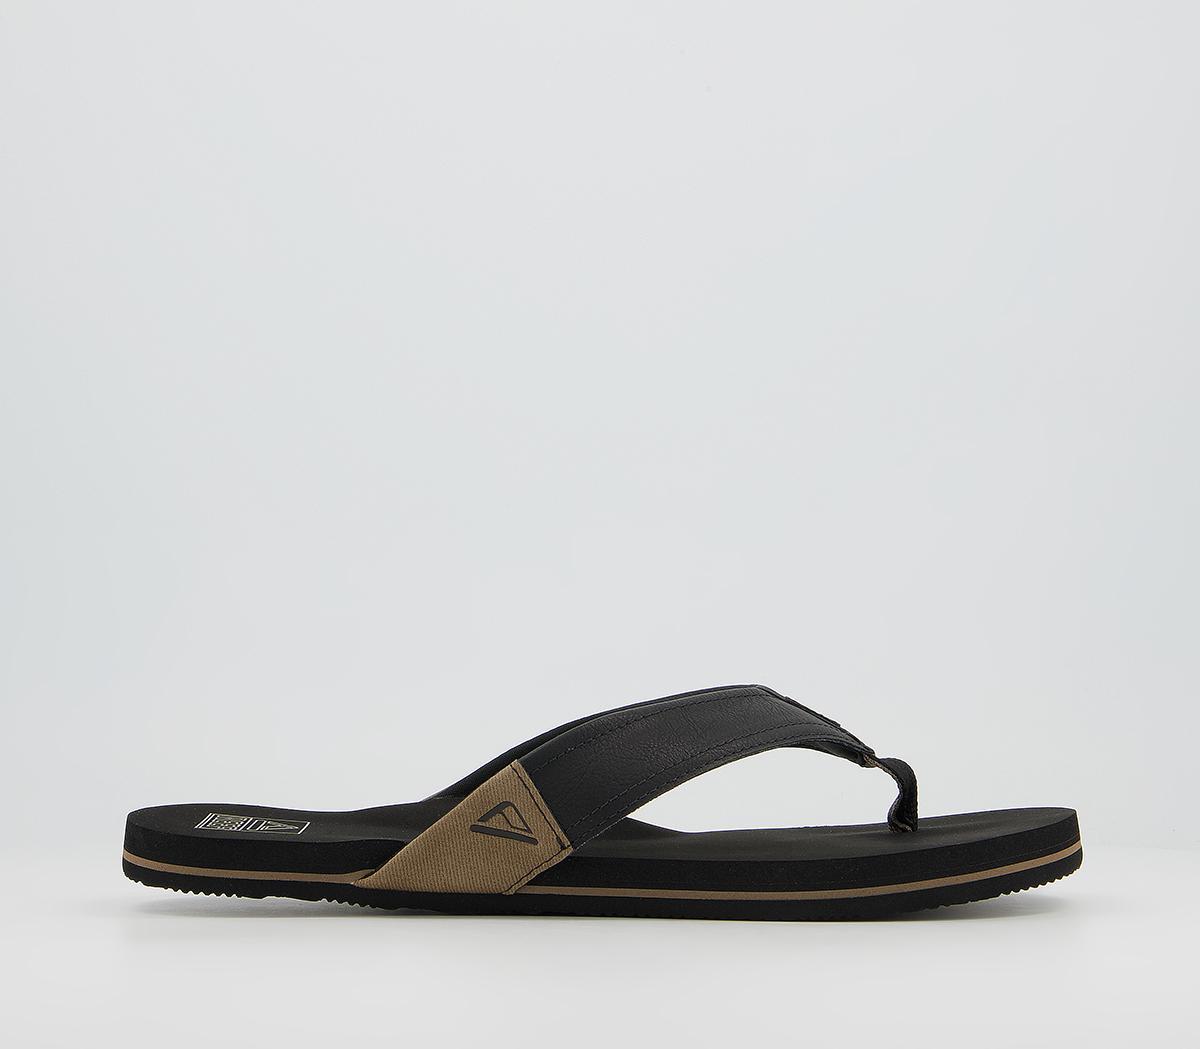 Reef Newport Flip Flops